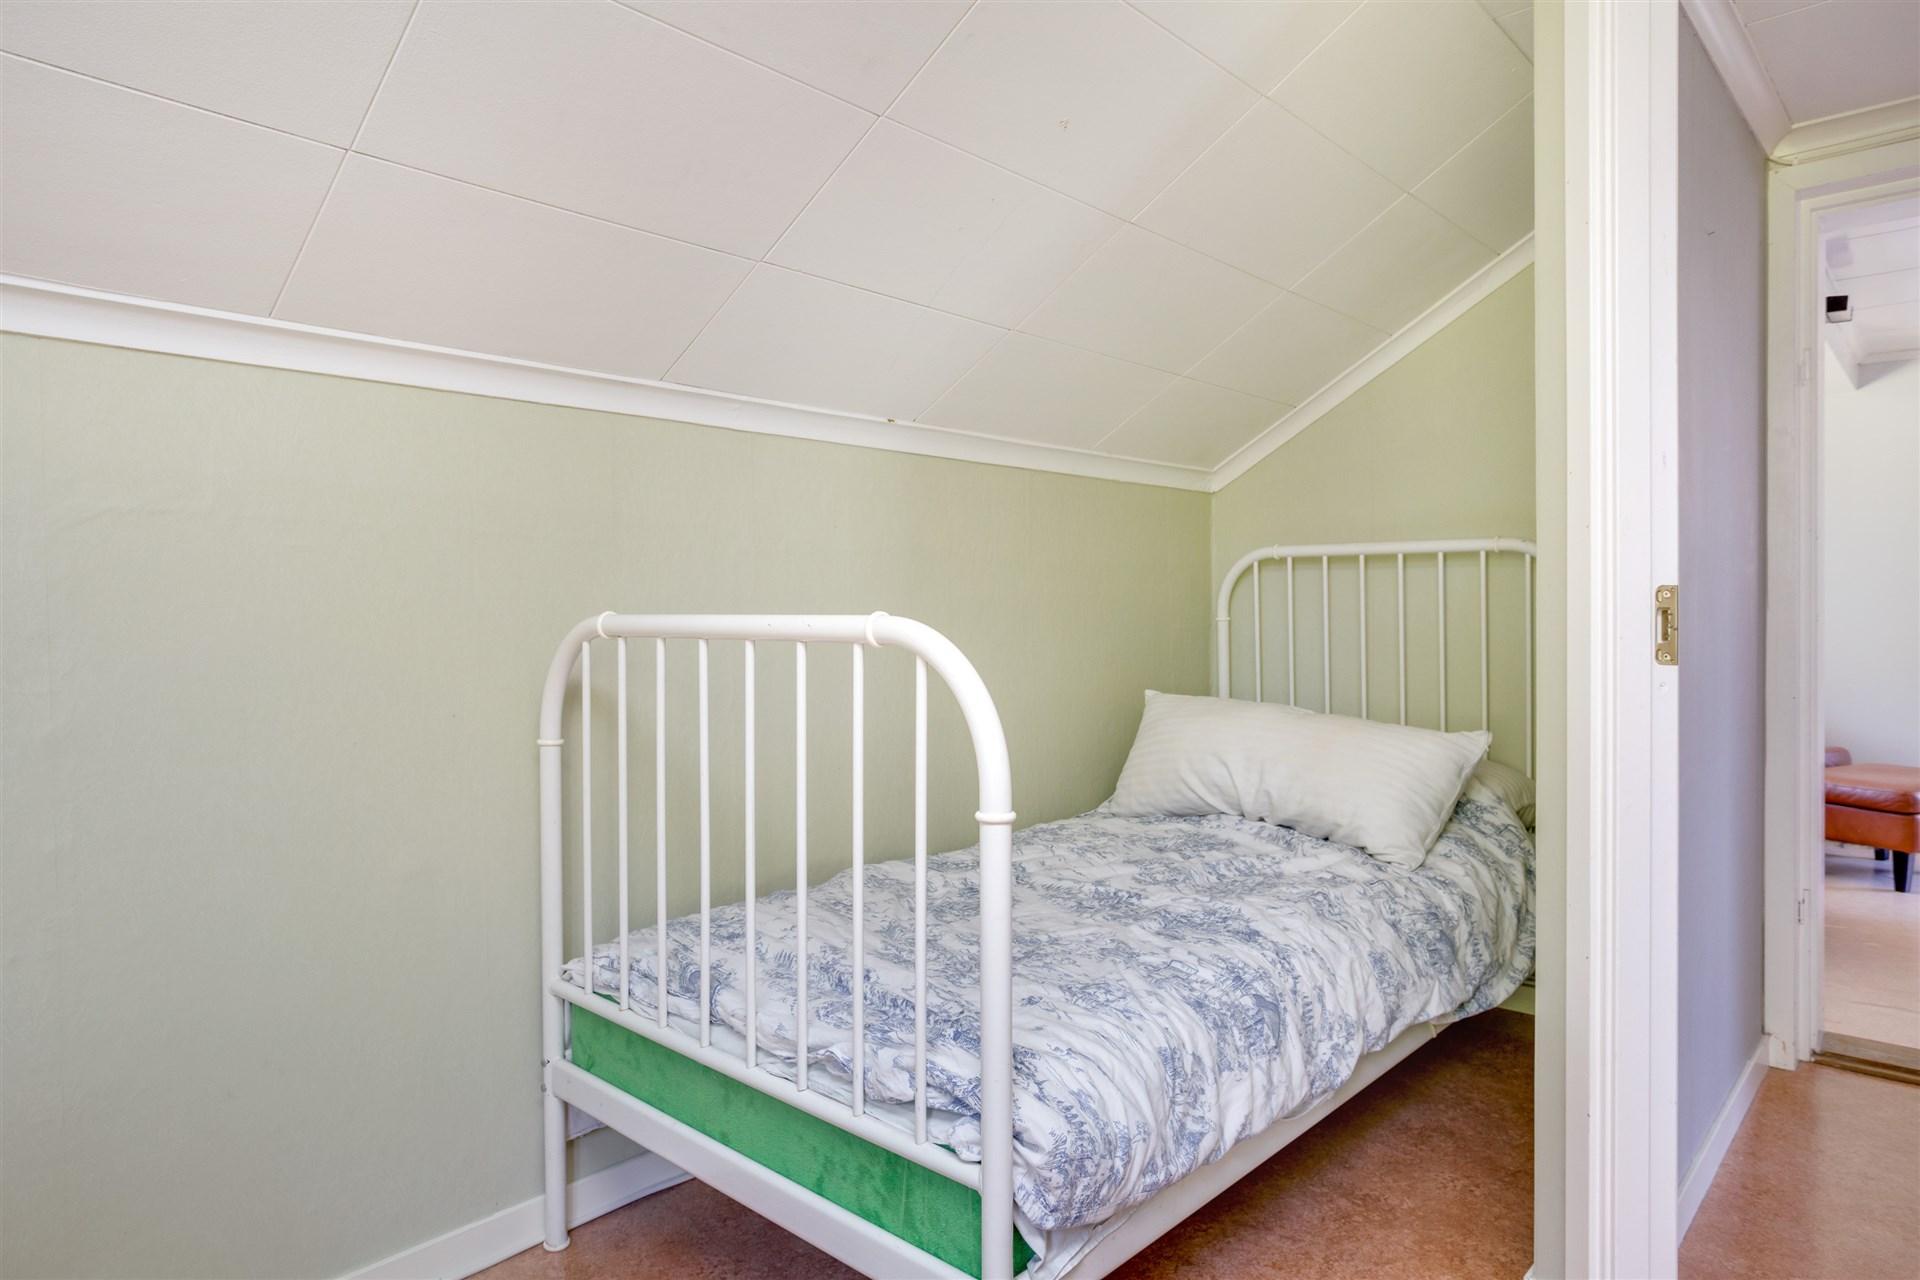 Sovrum 2, litet men med plats för 2 sängar.